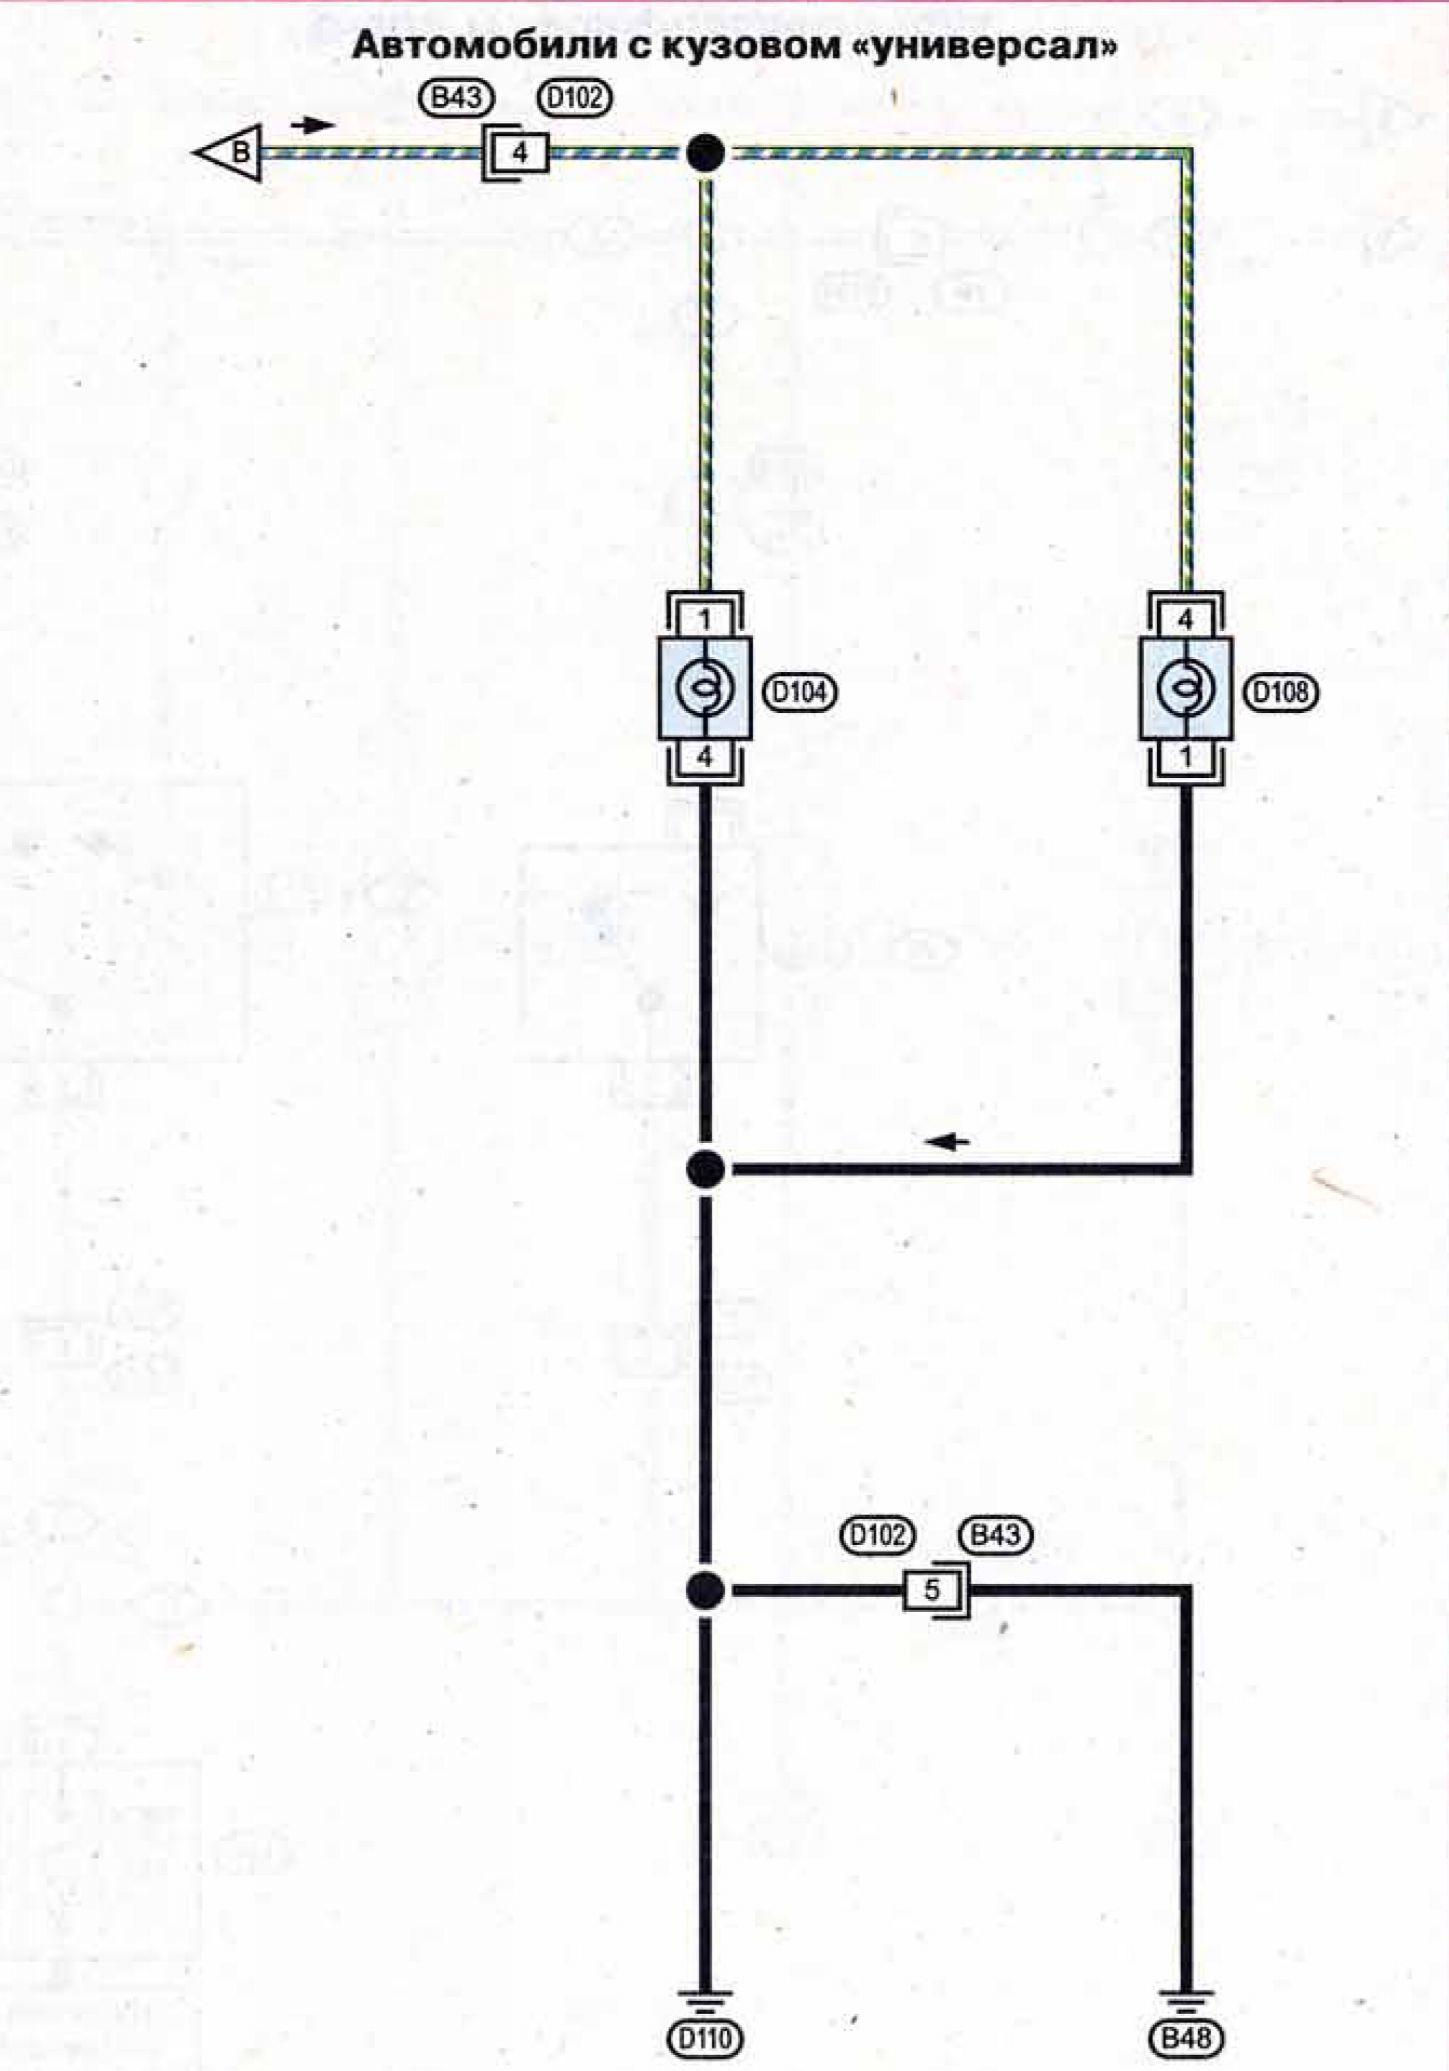 Принципиальная схема tvcolor erisson s14.